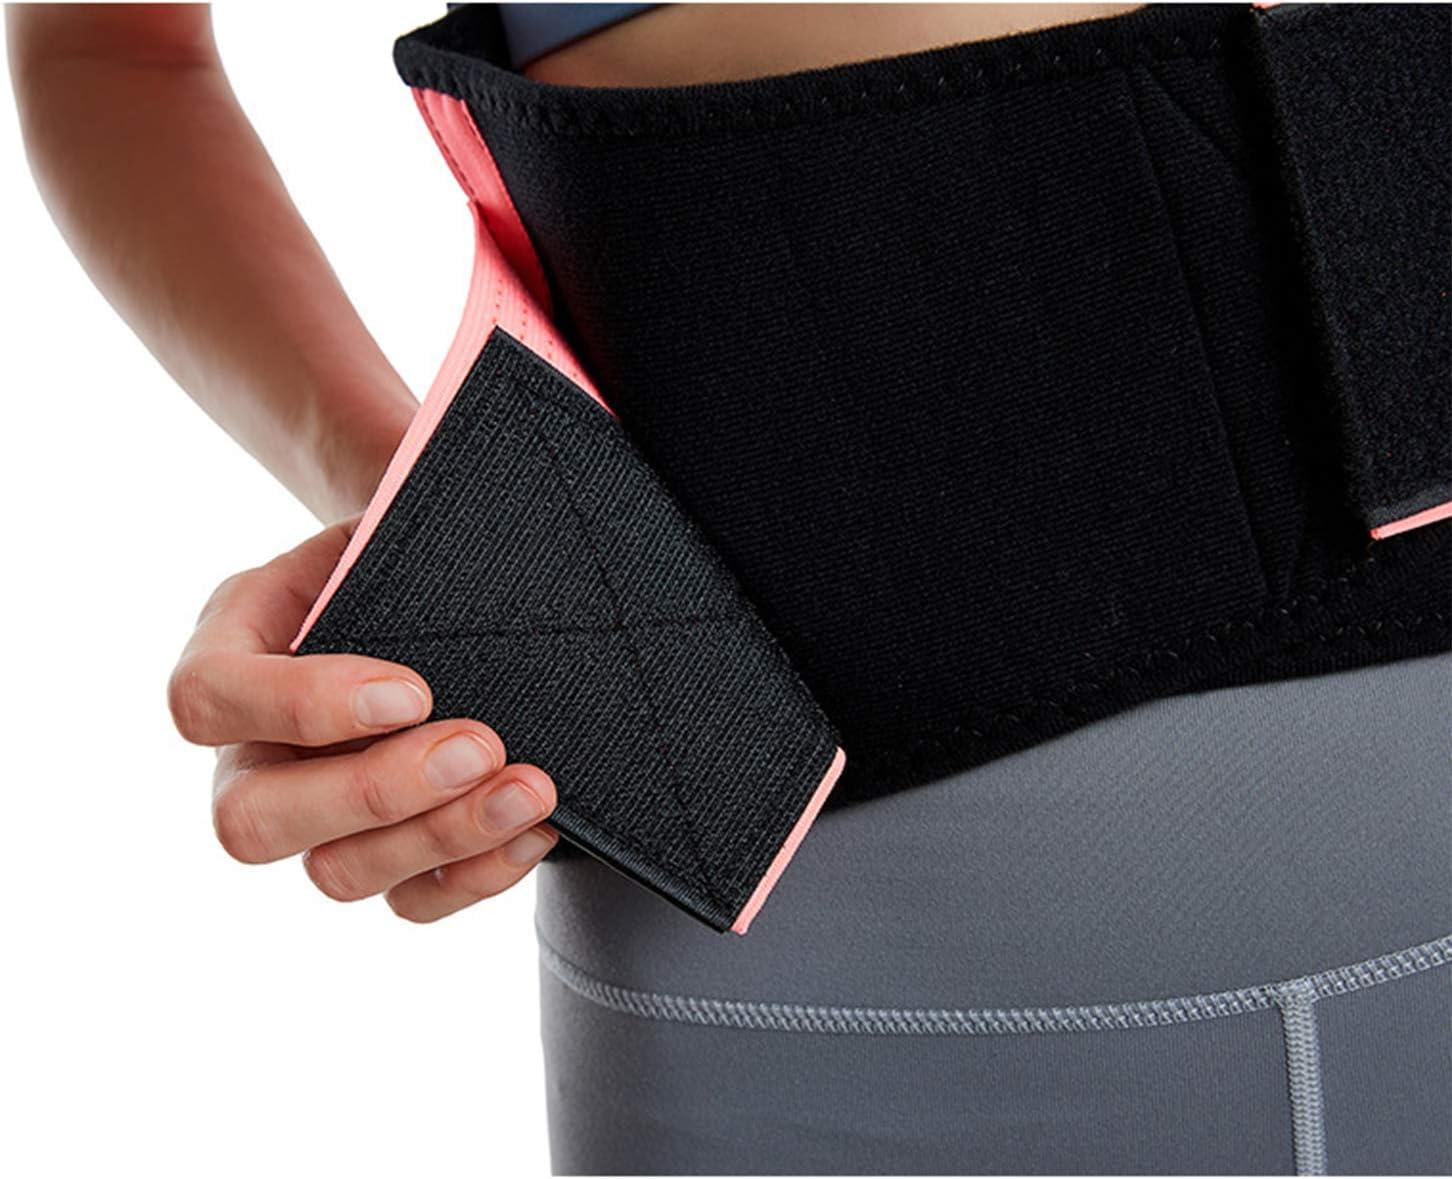 MIAODAM Waist Trainer Belt for Women Sweet Sweat Waist Trimmer for Women for Weight Loss Slimming Body Shaper Belt